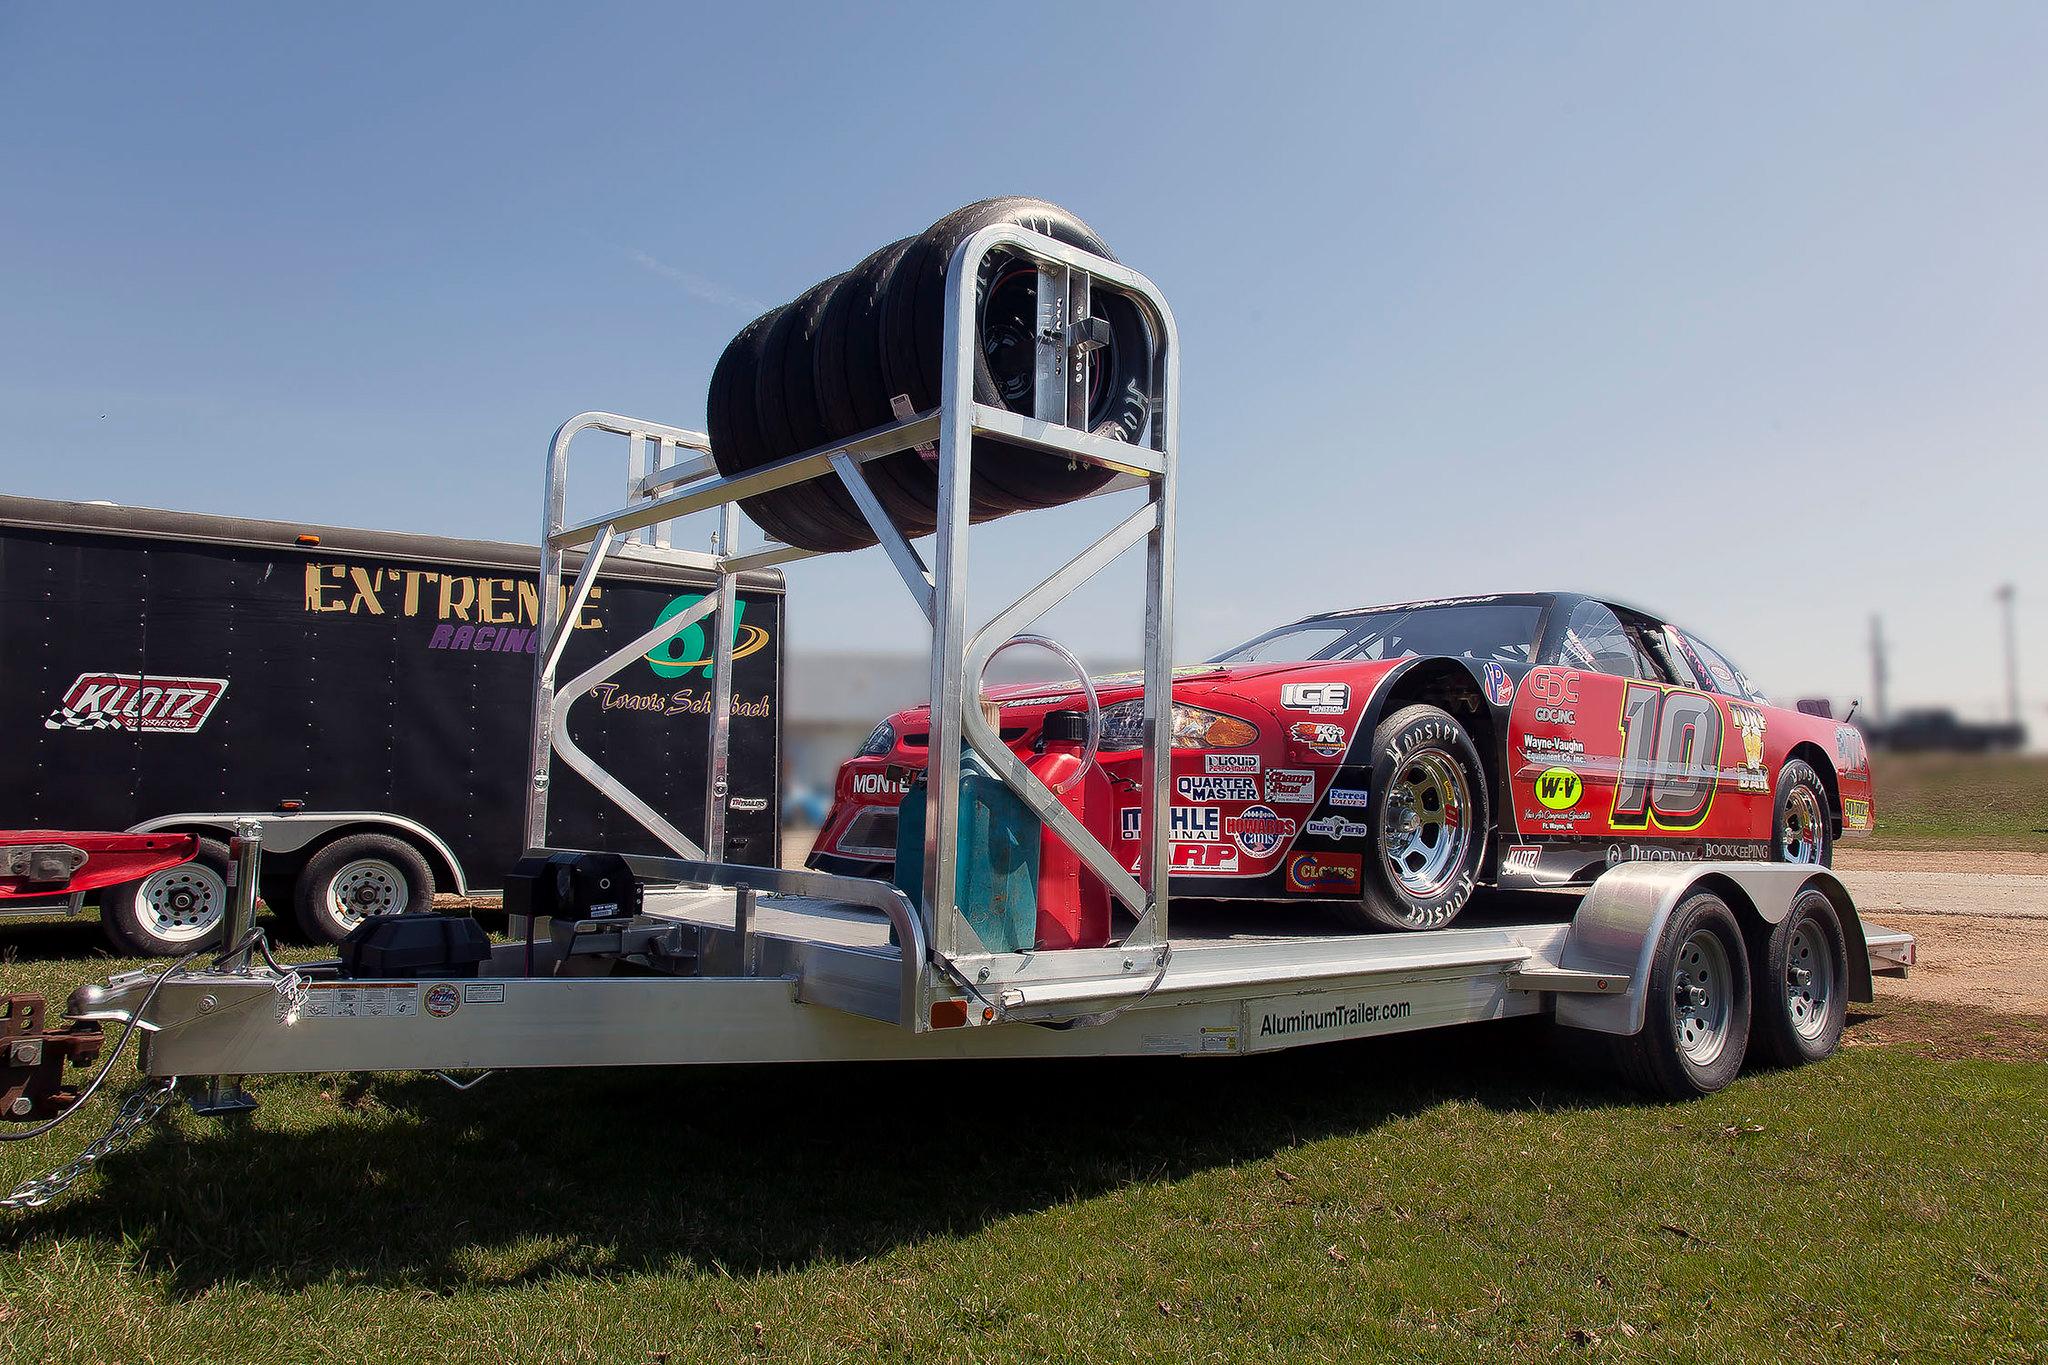 race car loaded on trailer